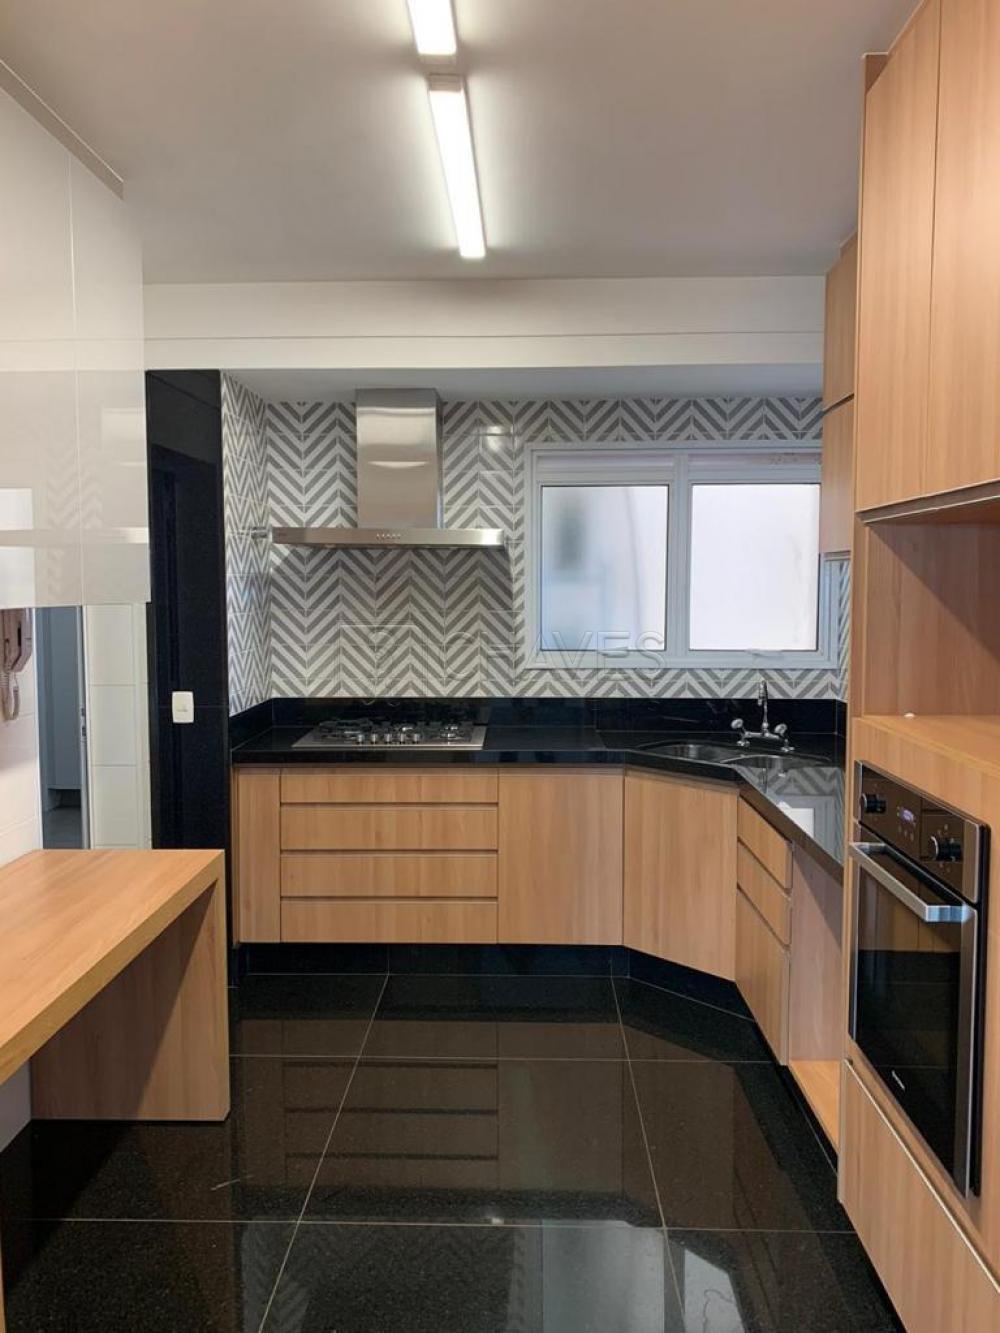 Comprar Apartamento / Padrão em Ribeirão Preto R$ 1.480.000,00 - Foto 12